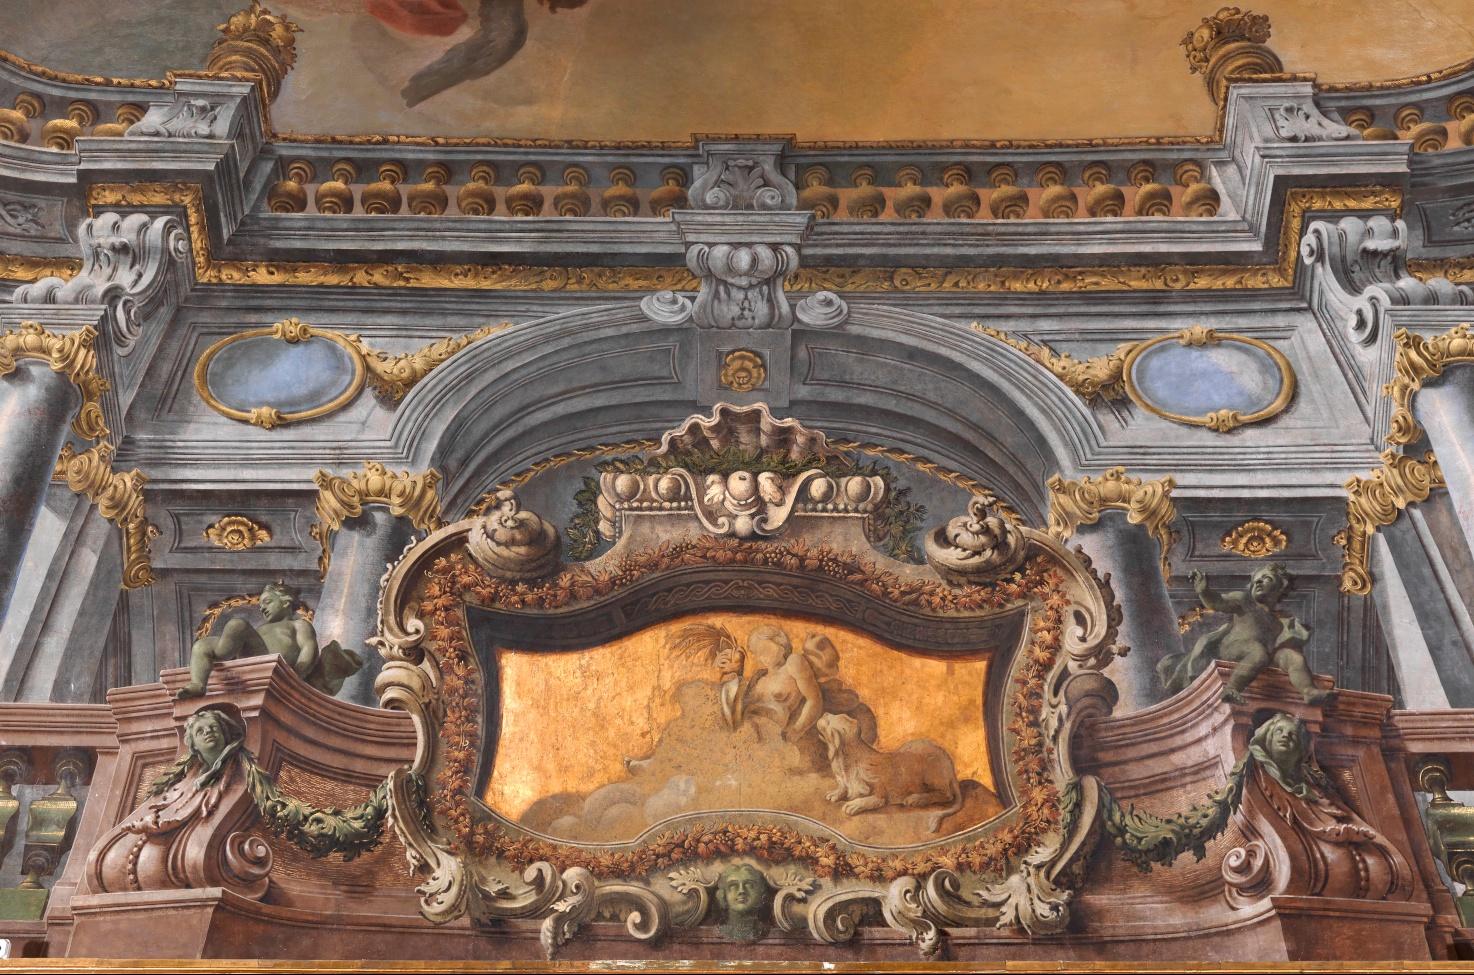 ... Reale volta della Sala Diplomatica, dipinti di Francesco De Mura